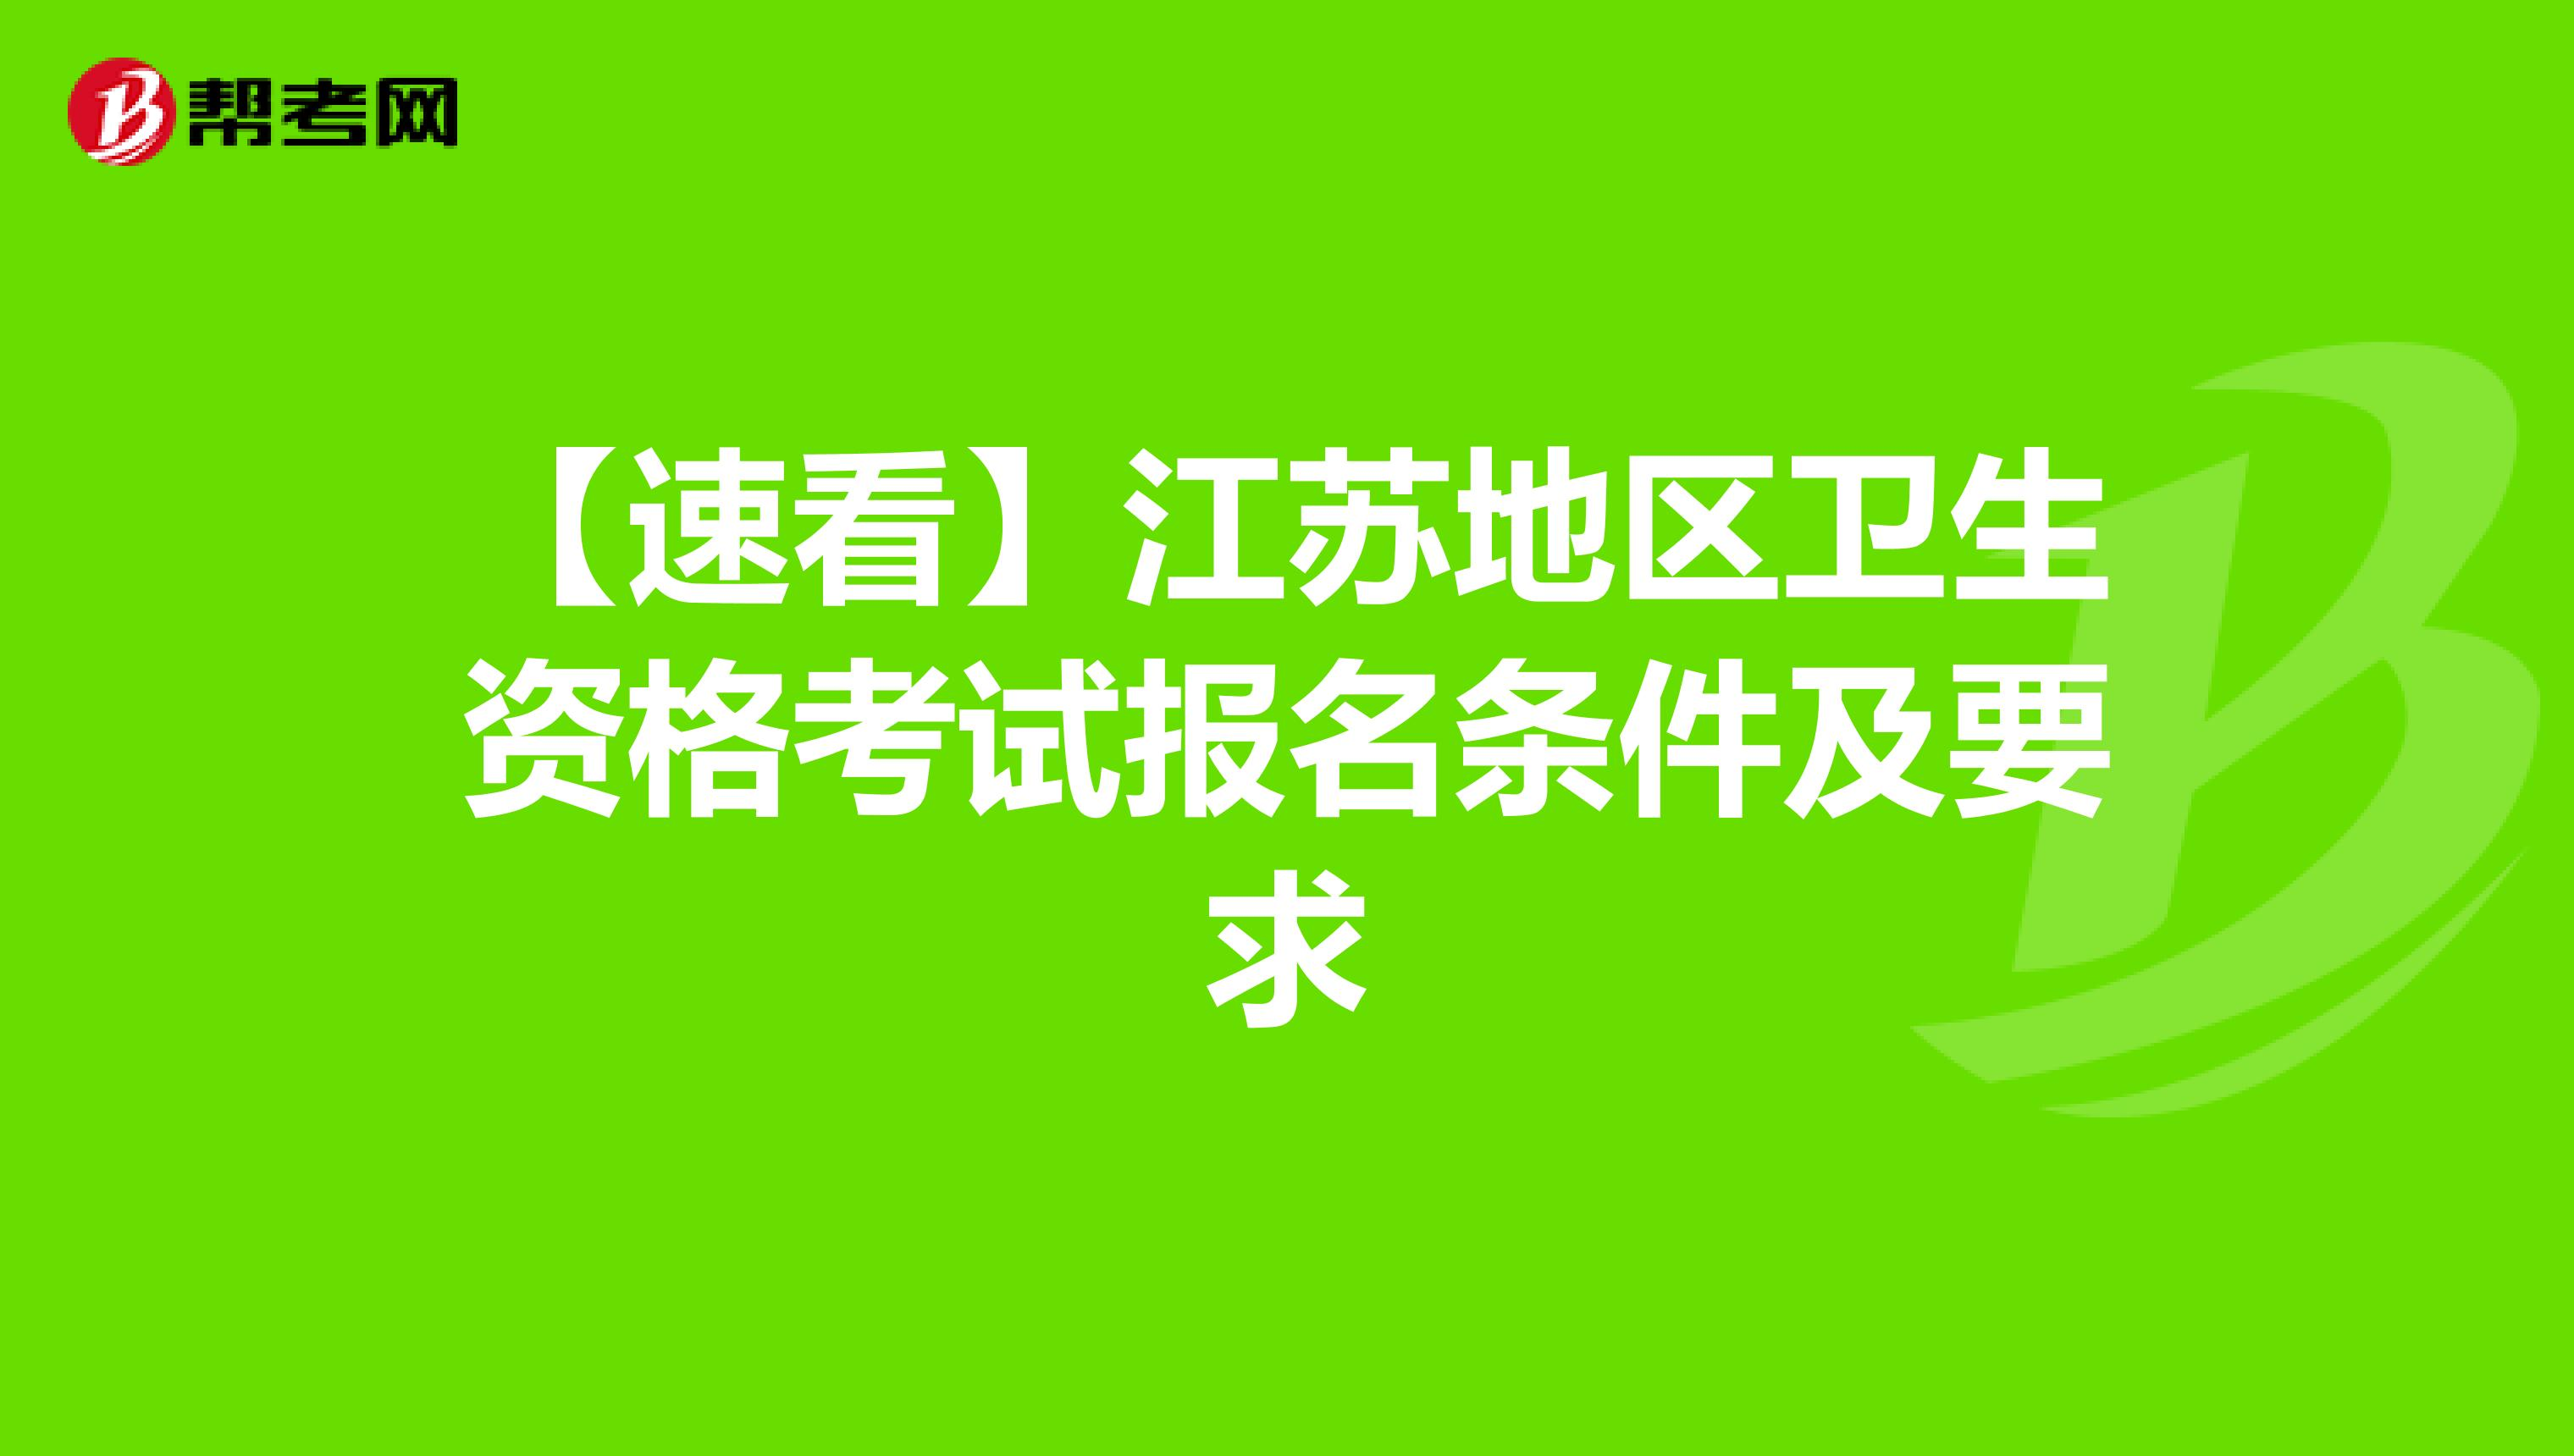 【速看】江苏地区卫生资格考试报名条件及要求